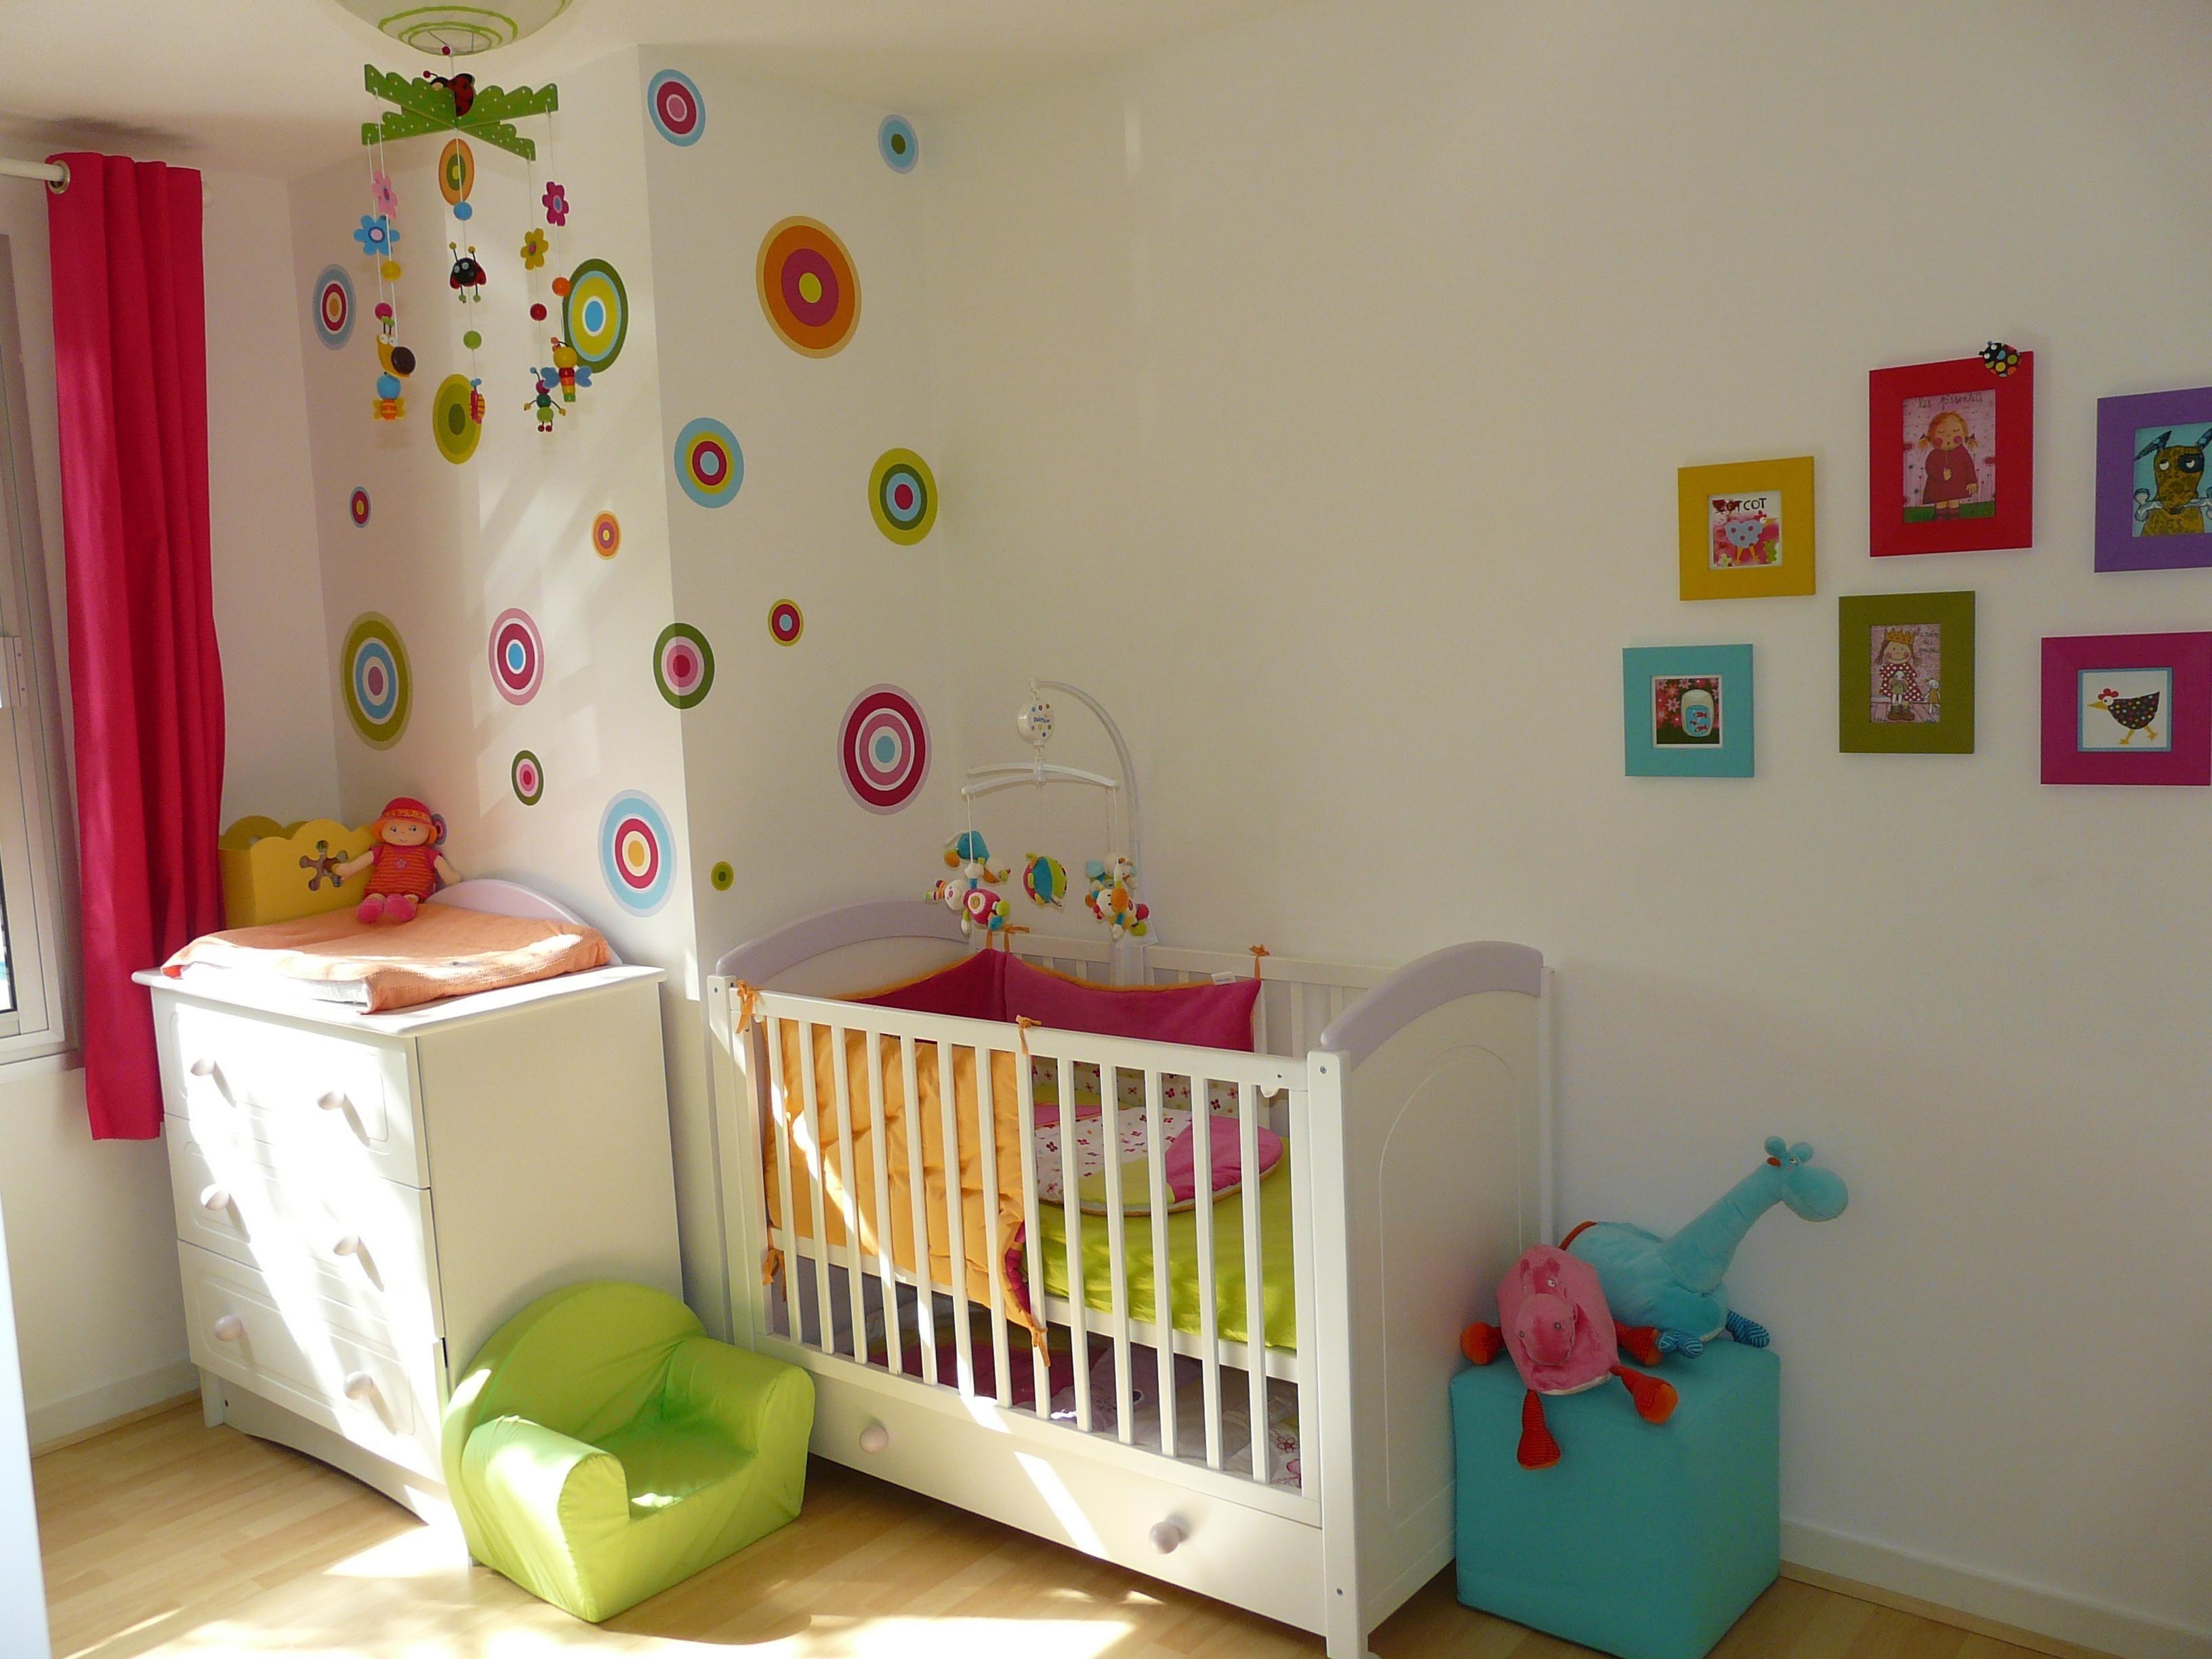 touches de couleurs avec les cercles et les cadres sur un mur ...